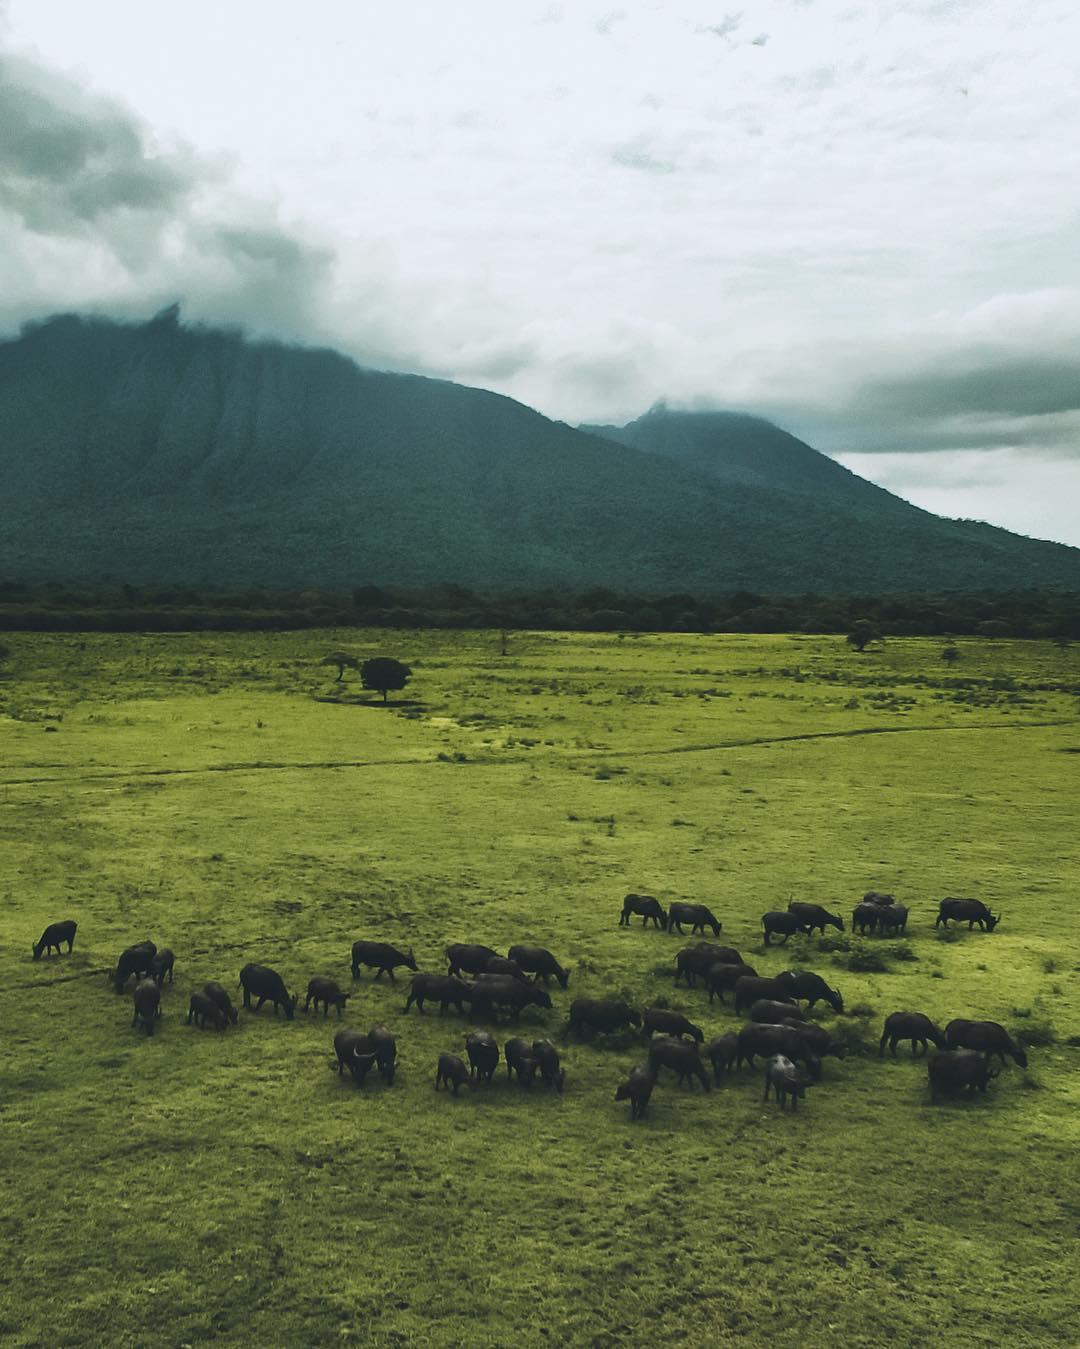 Baluran National Park, Banyuwangi - Jawa Timur Taman Nasional baluran by Joeadimara Dolaners - Dolan Dolen